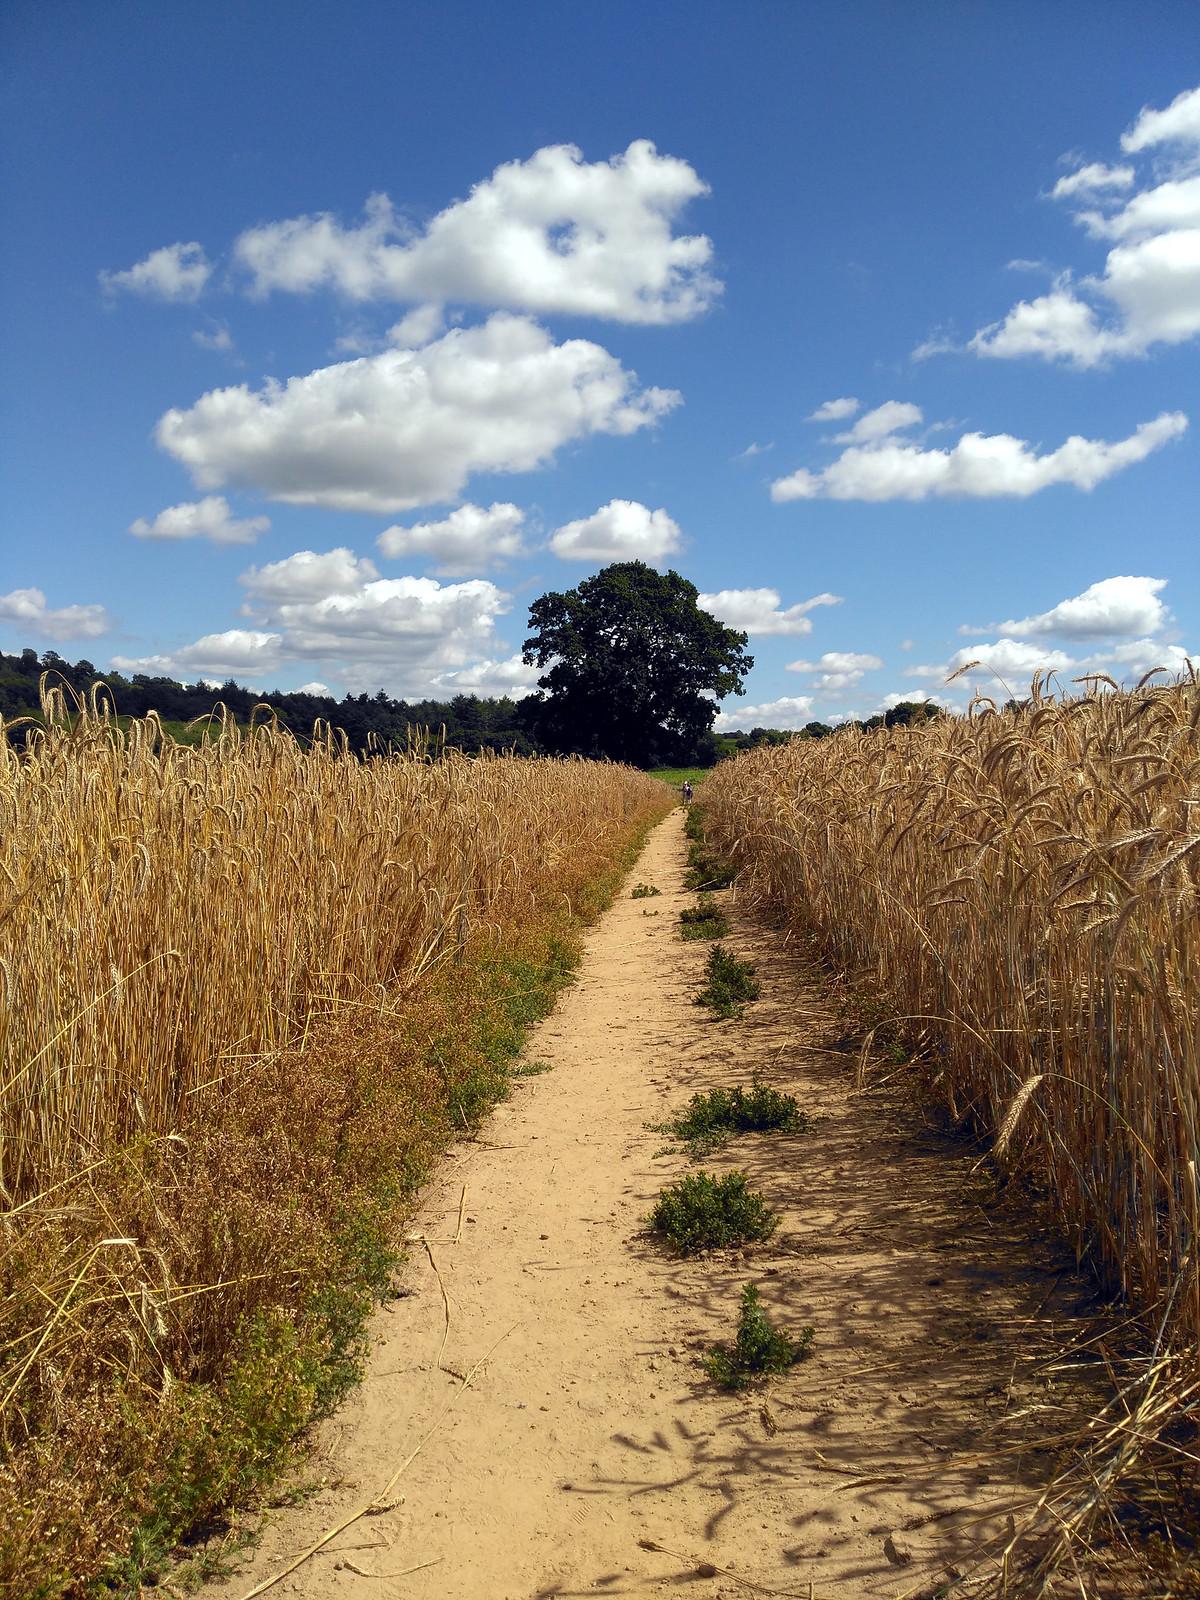 Path through corn